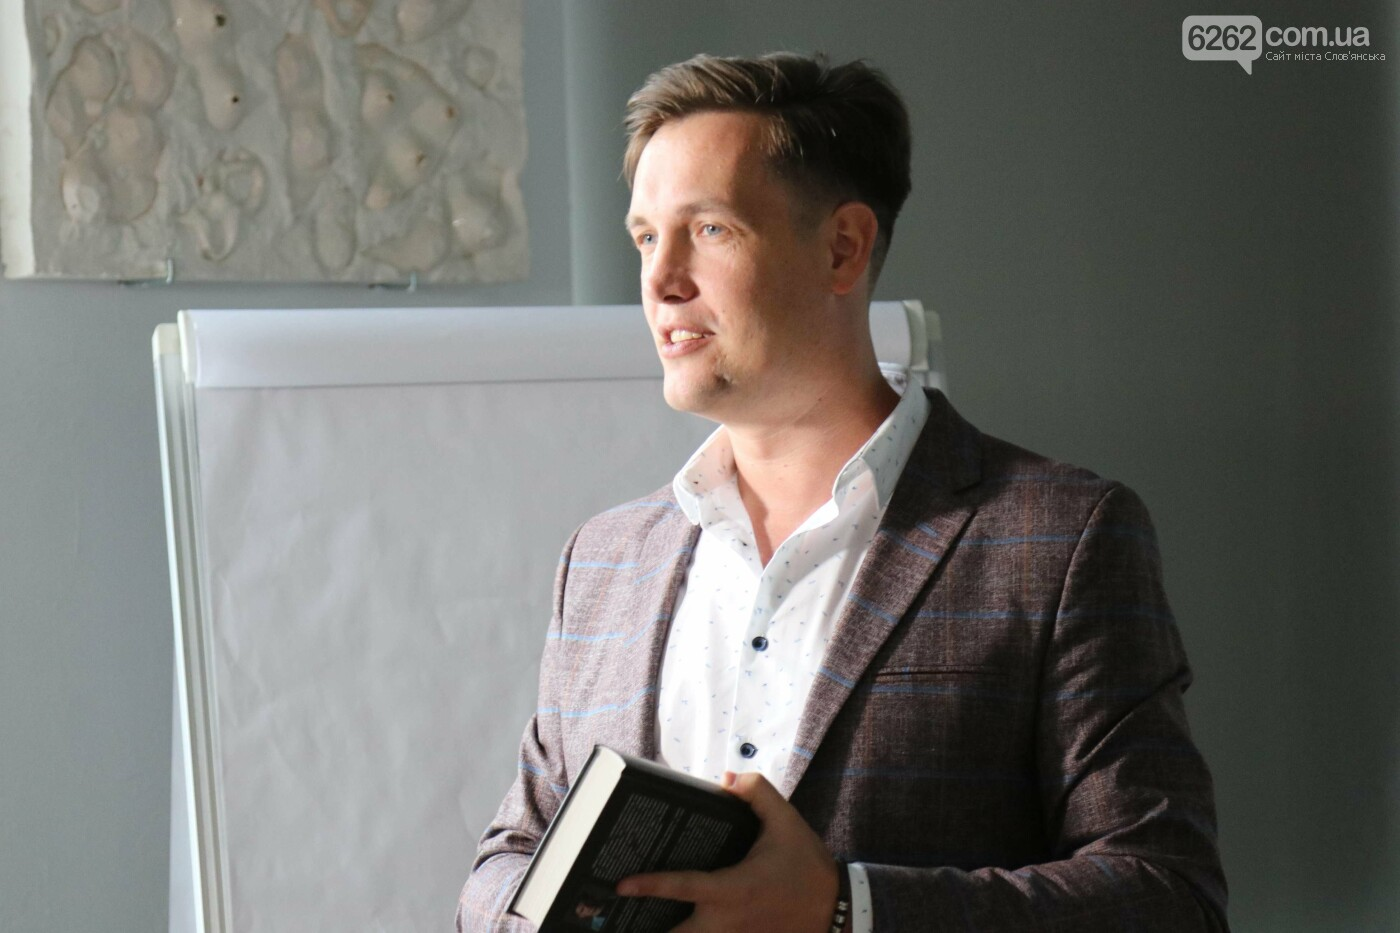 Макс Кідрук у Слов'янську. Як пройшла презентація книги з доповненою реальністю, фото-11